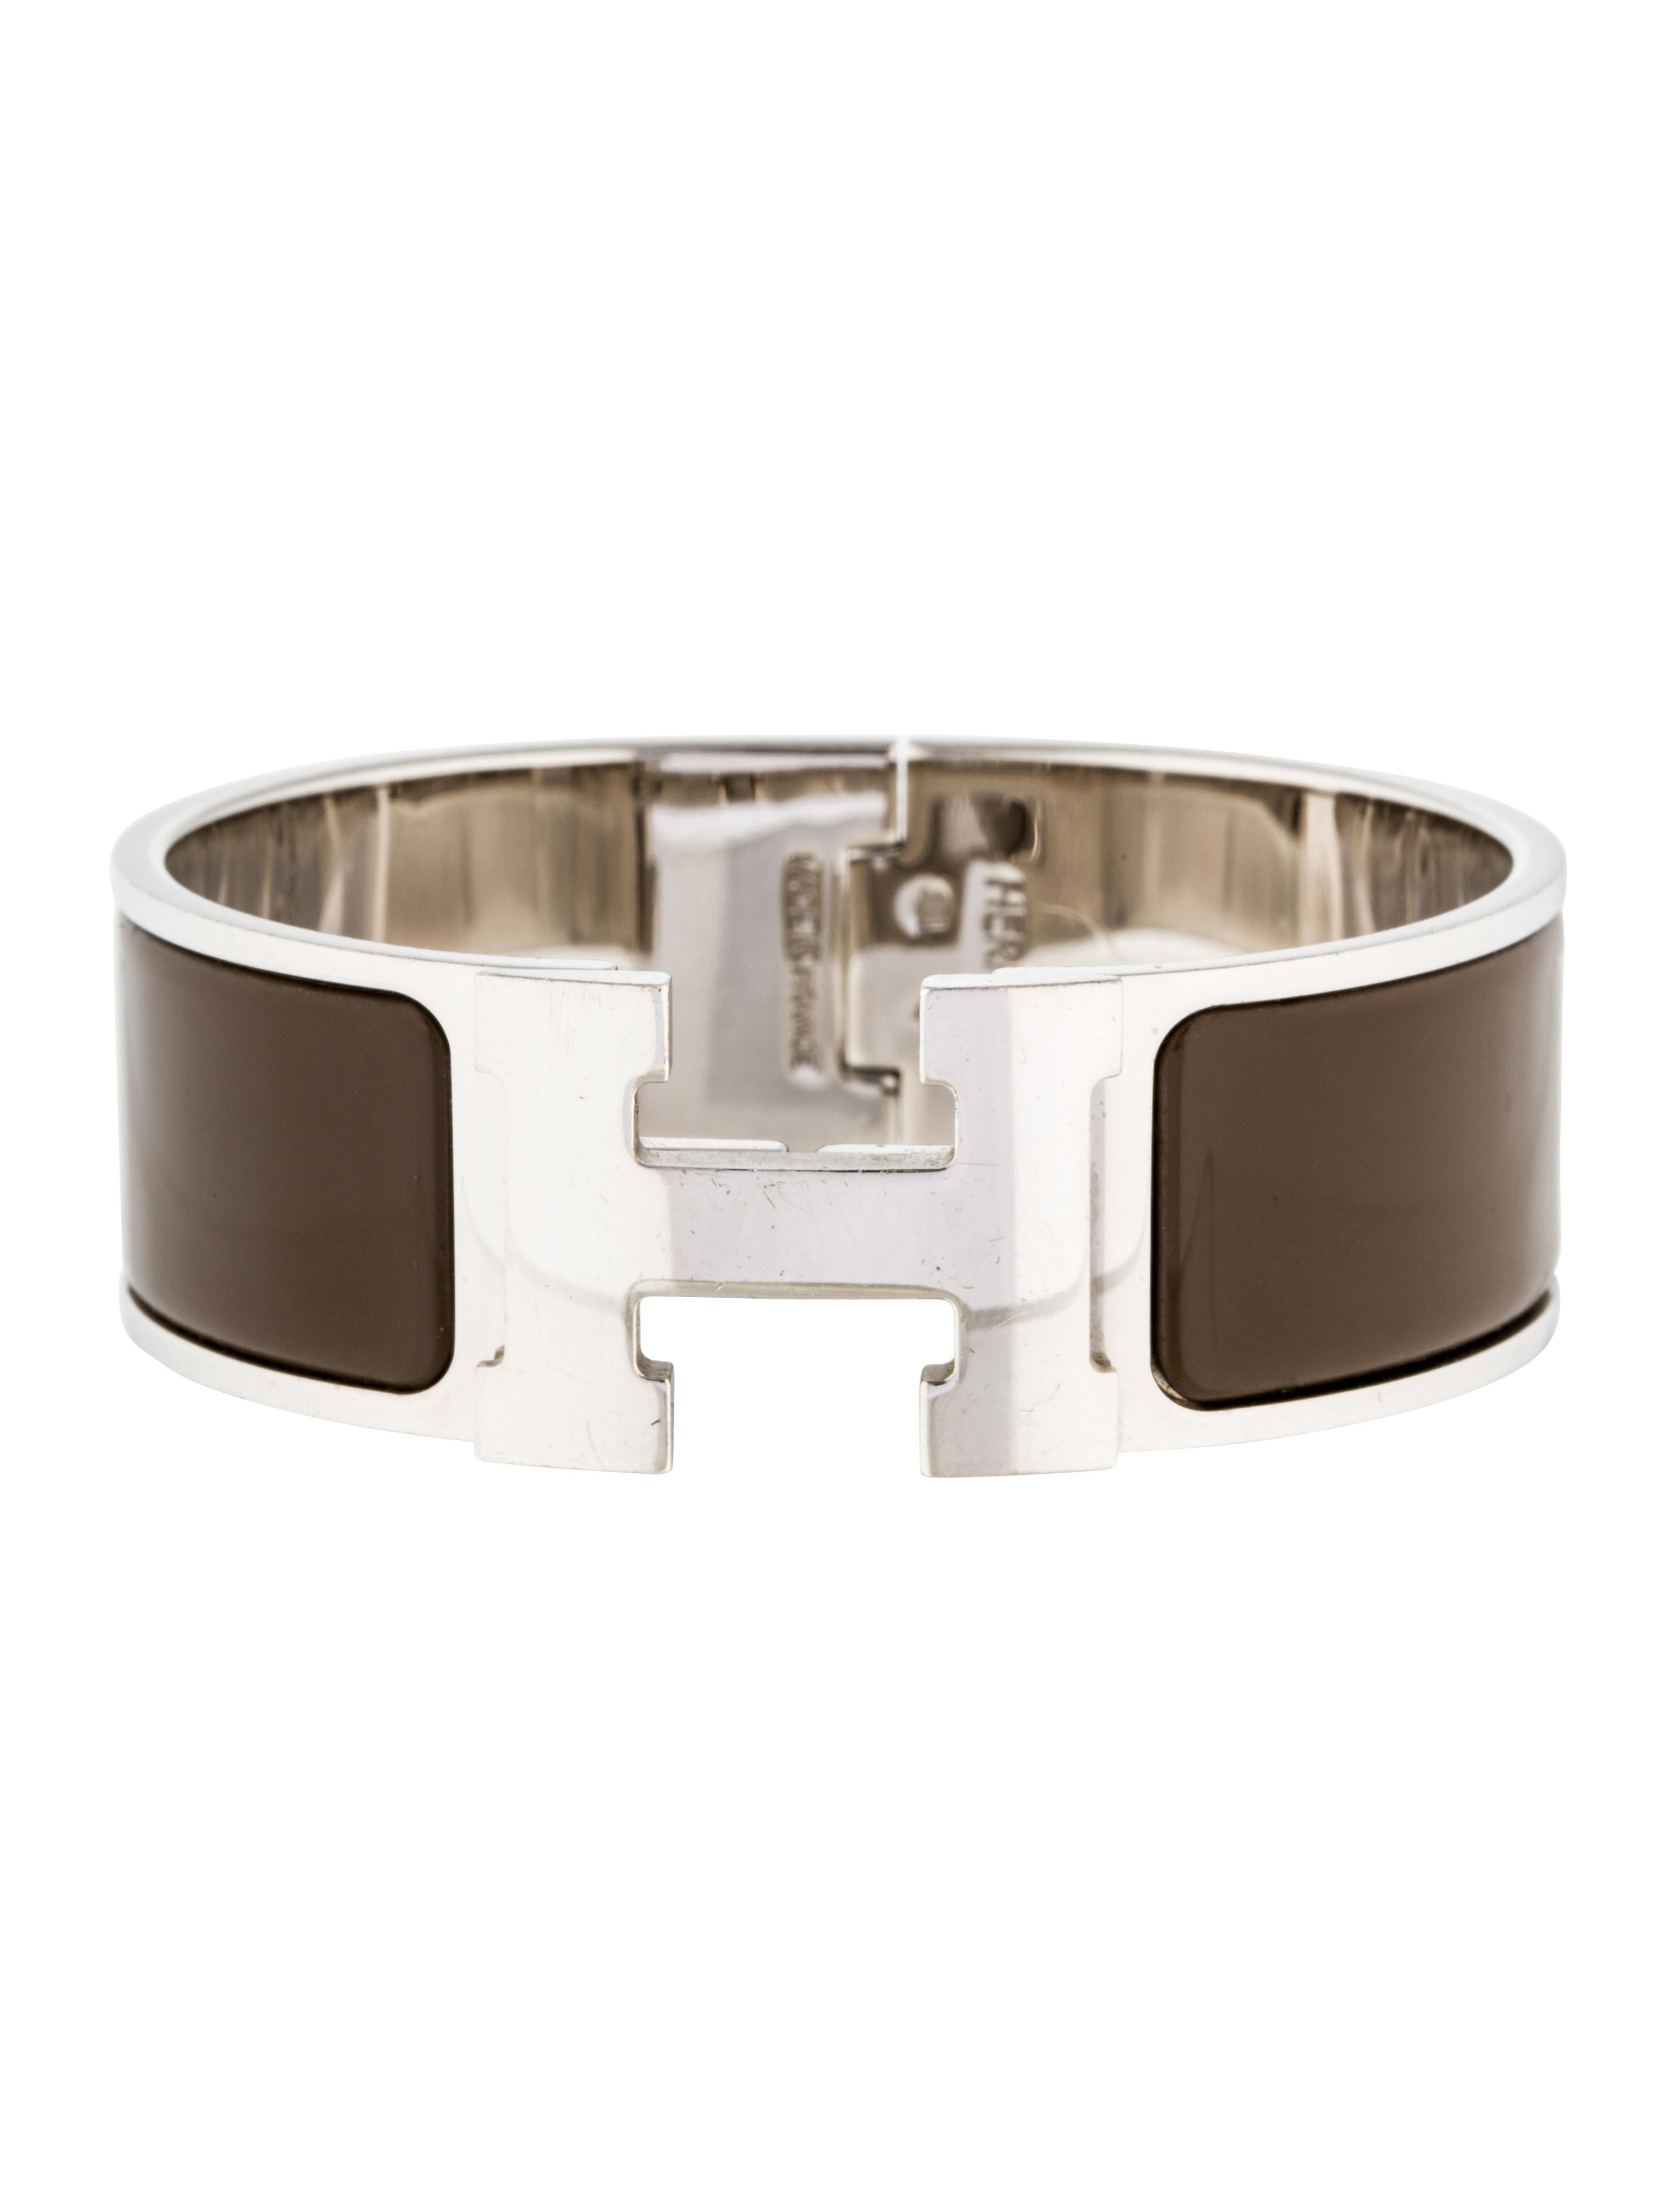 herm s clic clac h bracelet bracelets her94694 the. Black Bedroom Furniture Sets. Home Design Ideas